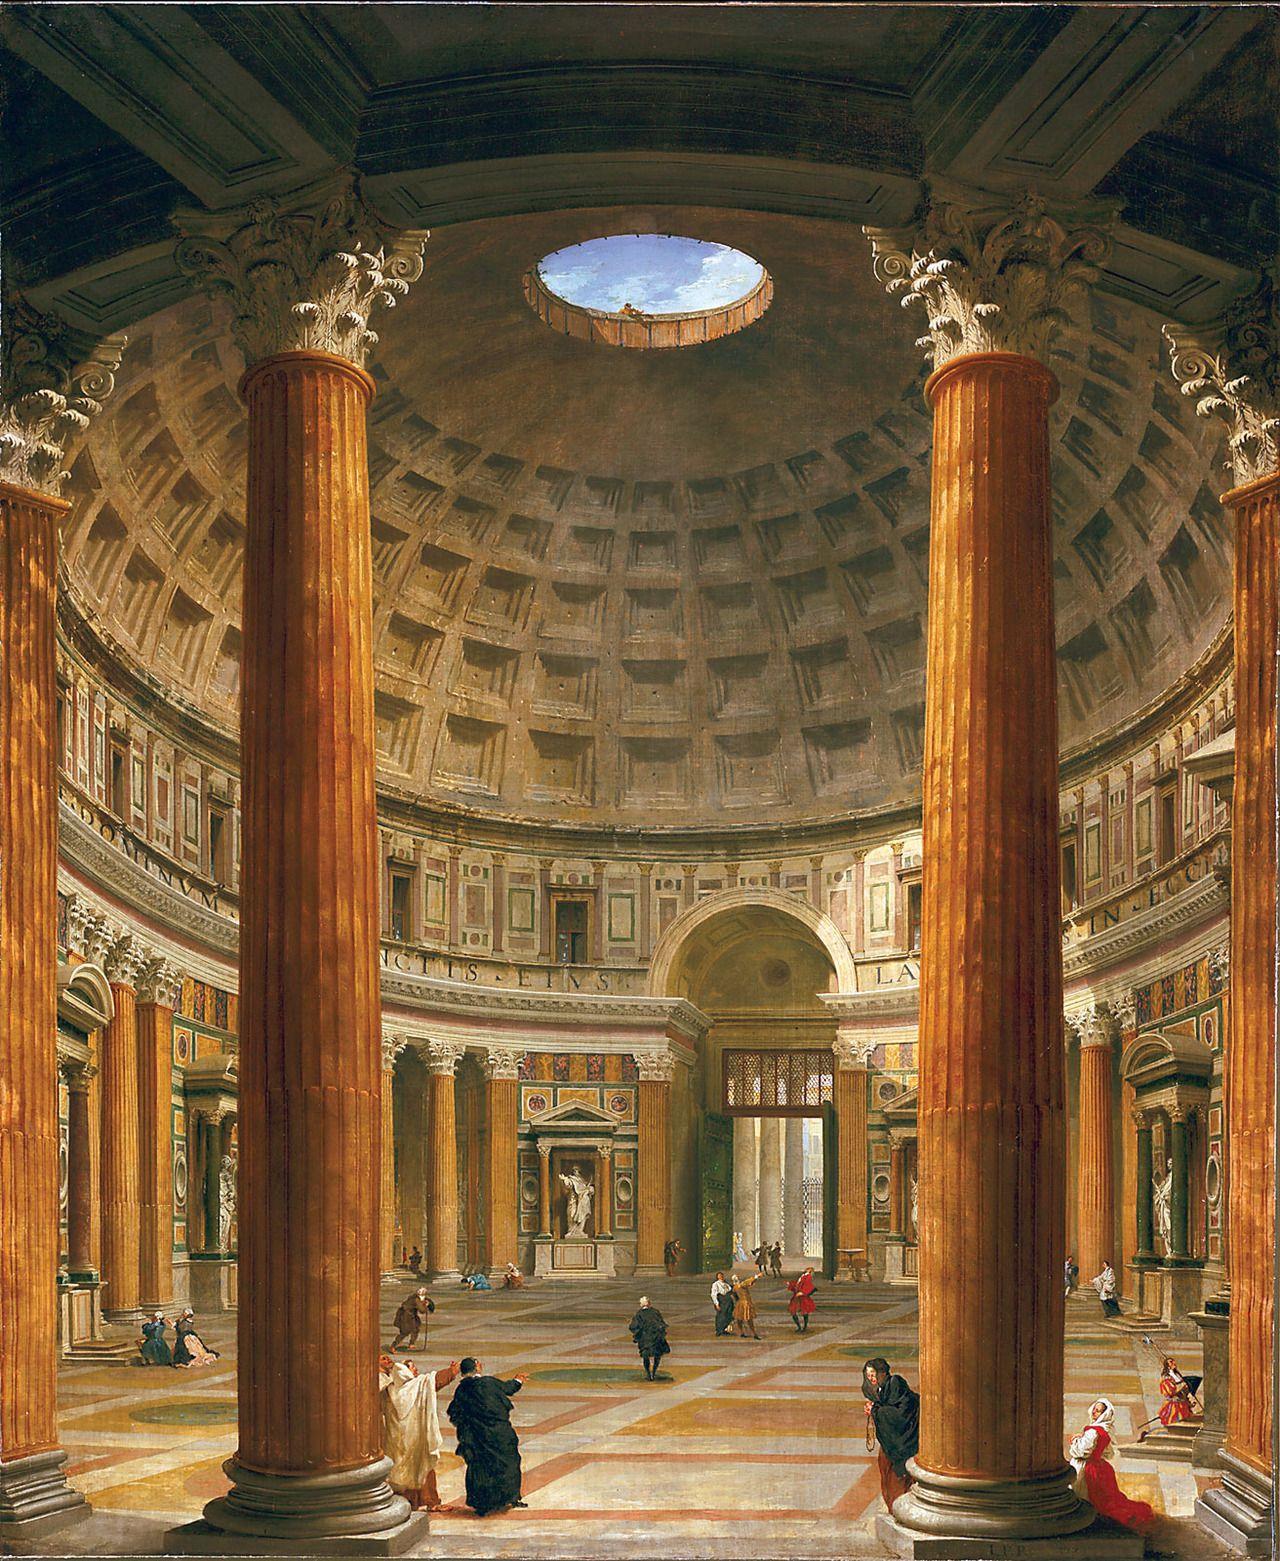 Roman Architecture: Giovanni Paolo Pannini, 1691-1765, Interior Of The